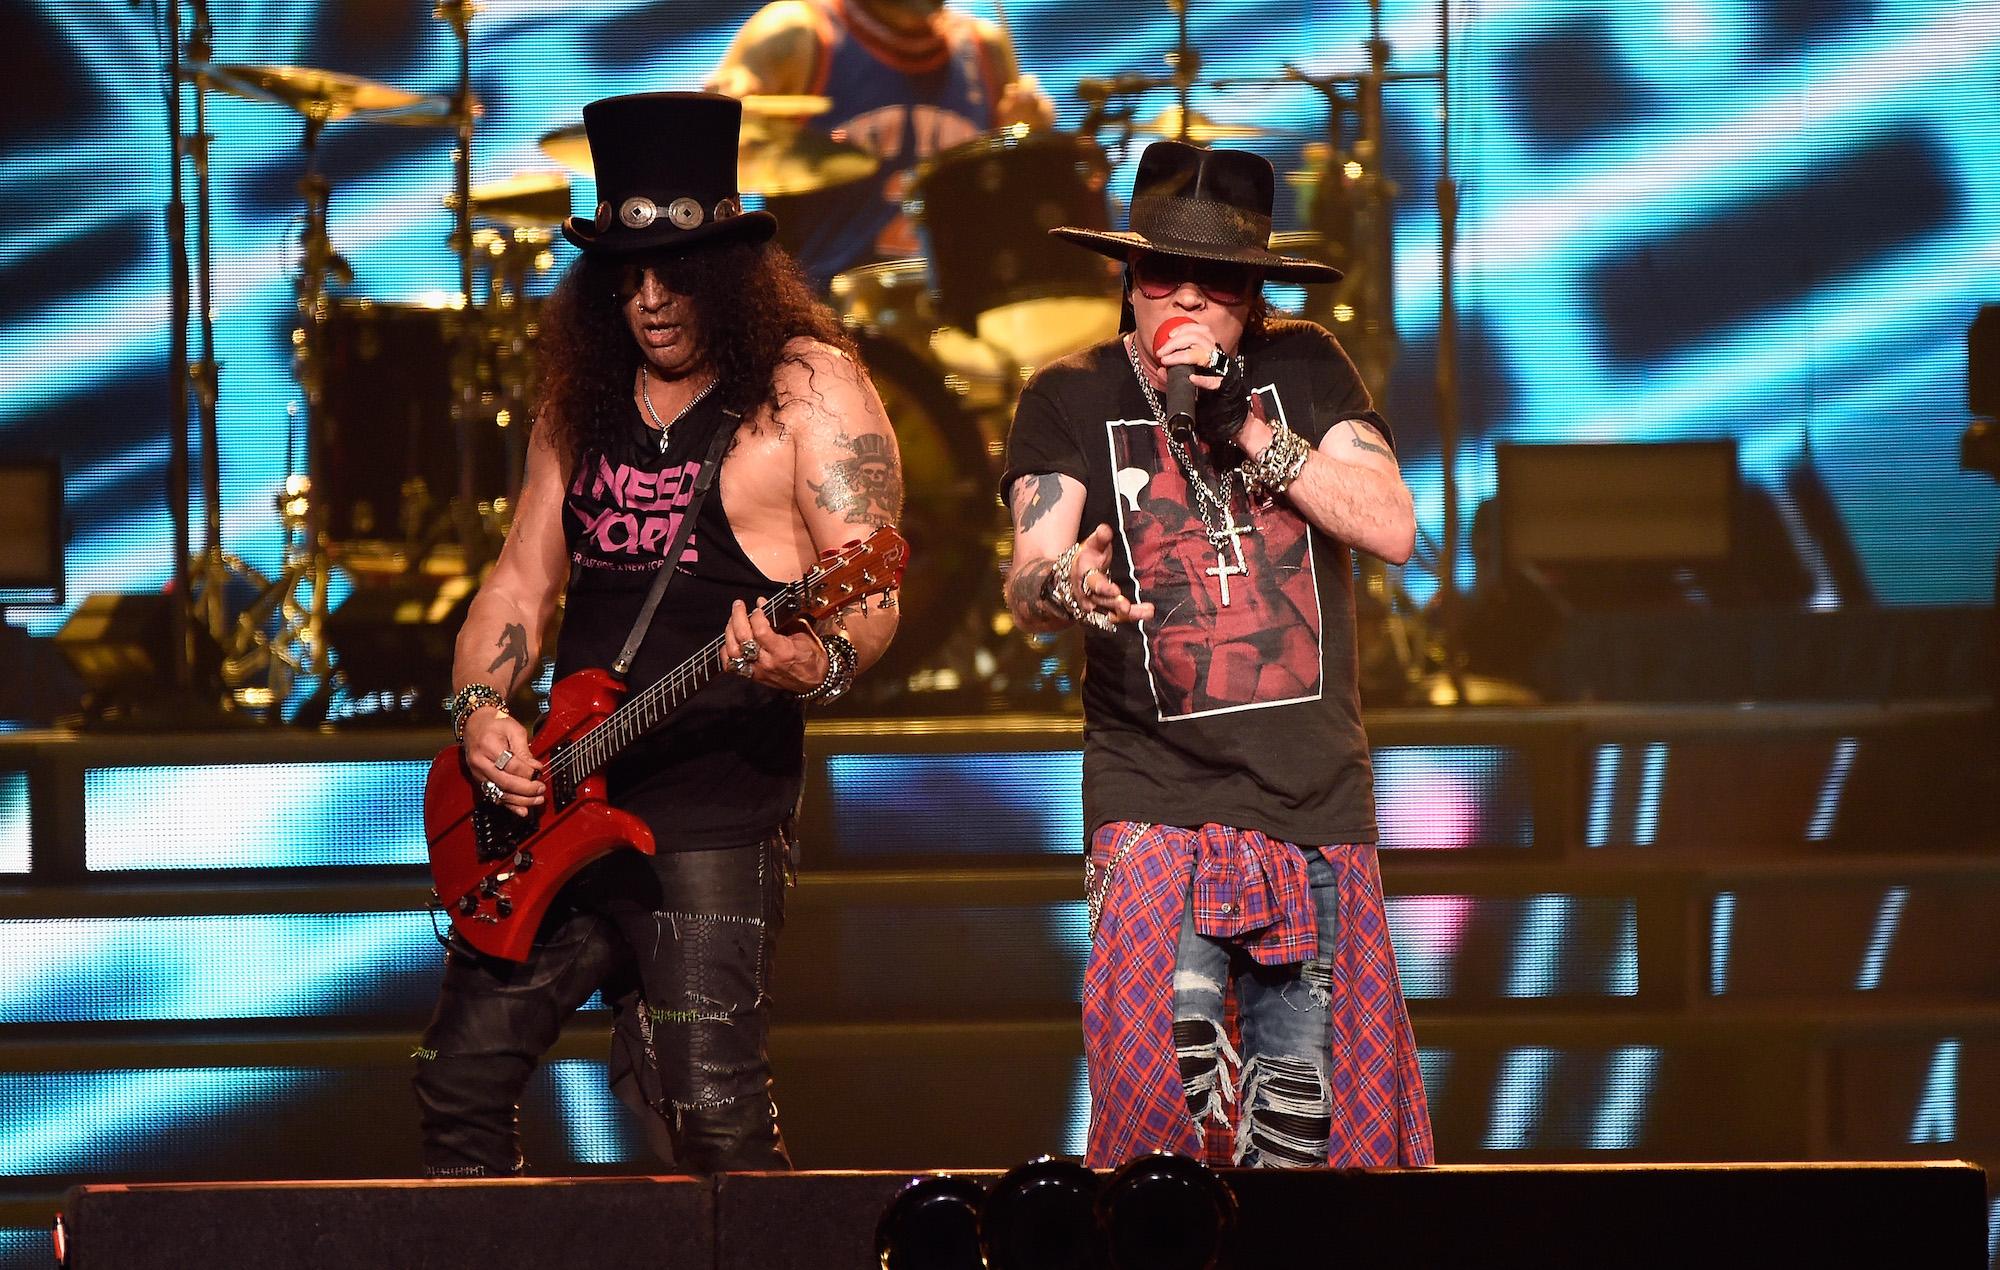 Guns N' Roses announce London show on 2020 European stadium tour